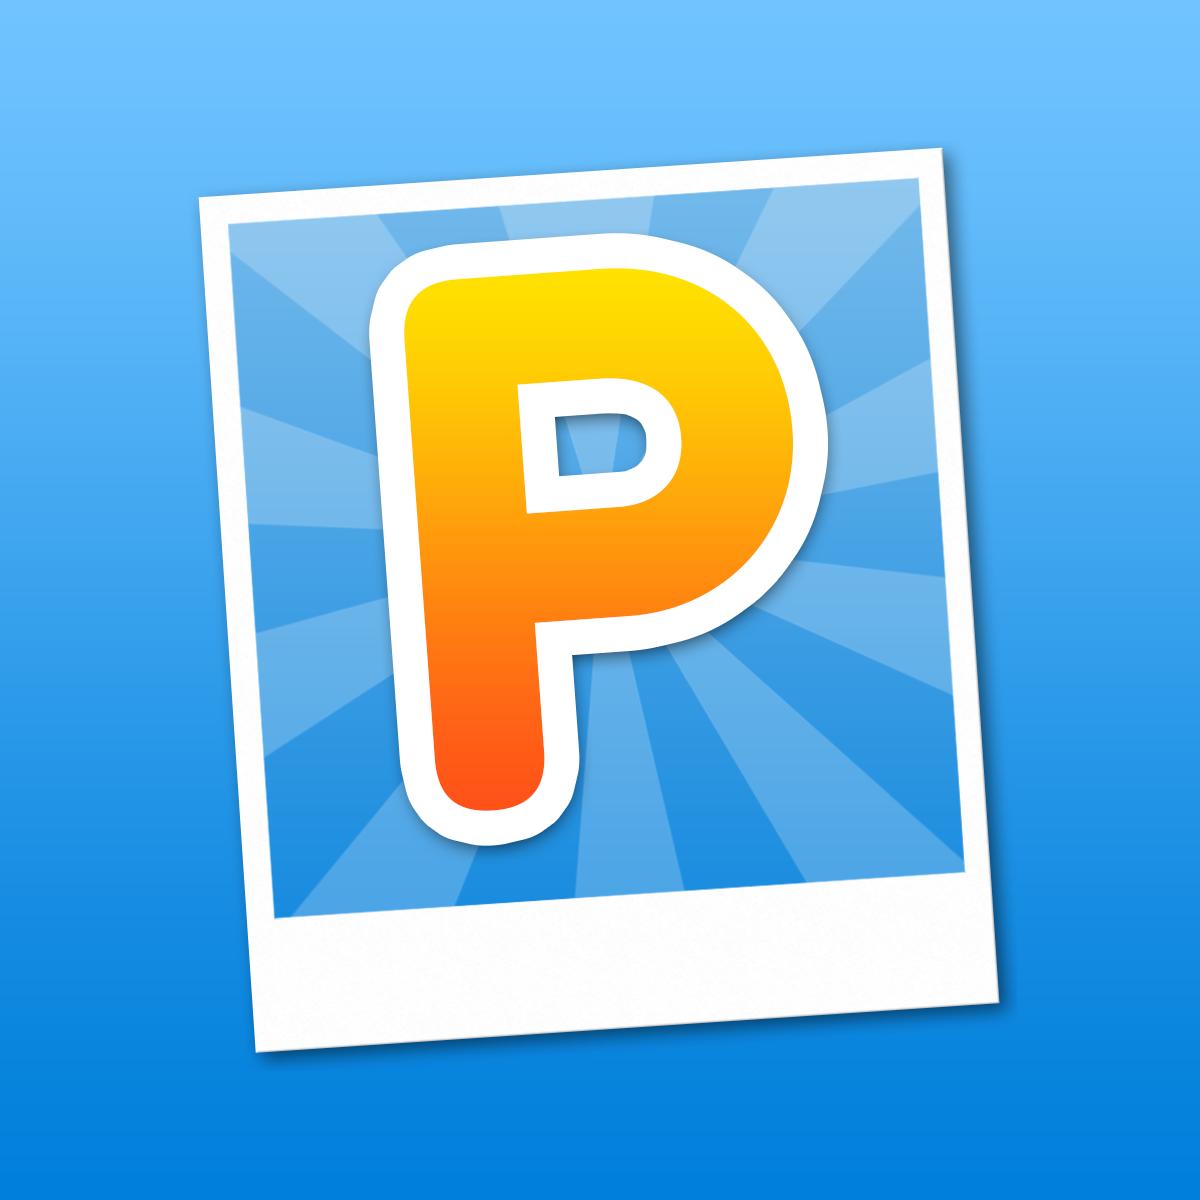 TURISMO - Panthéon/Paris